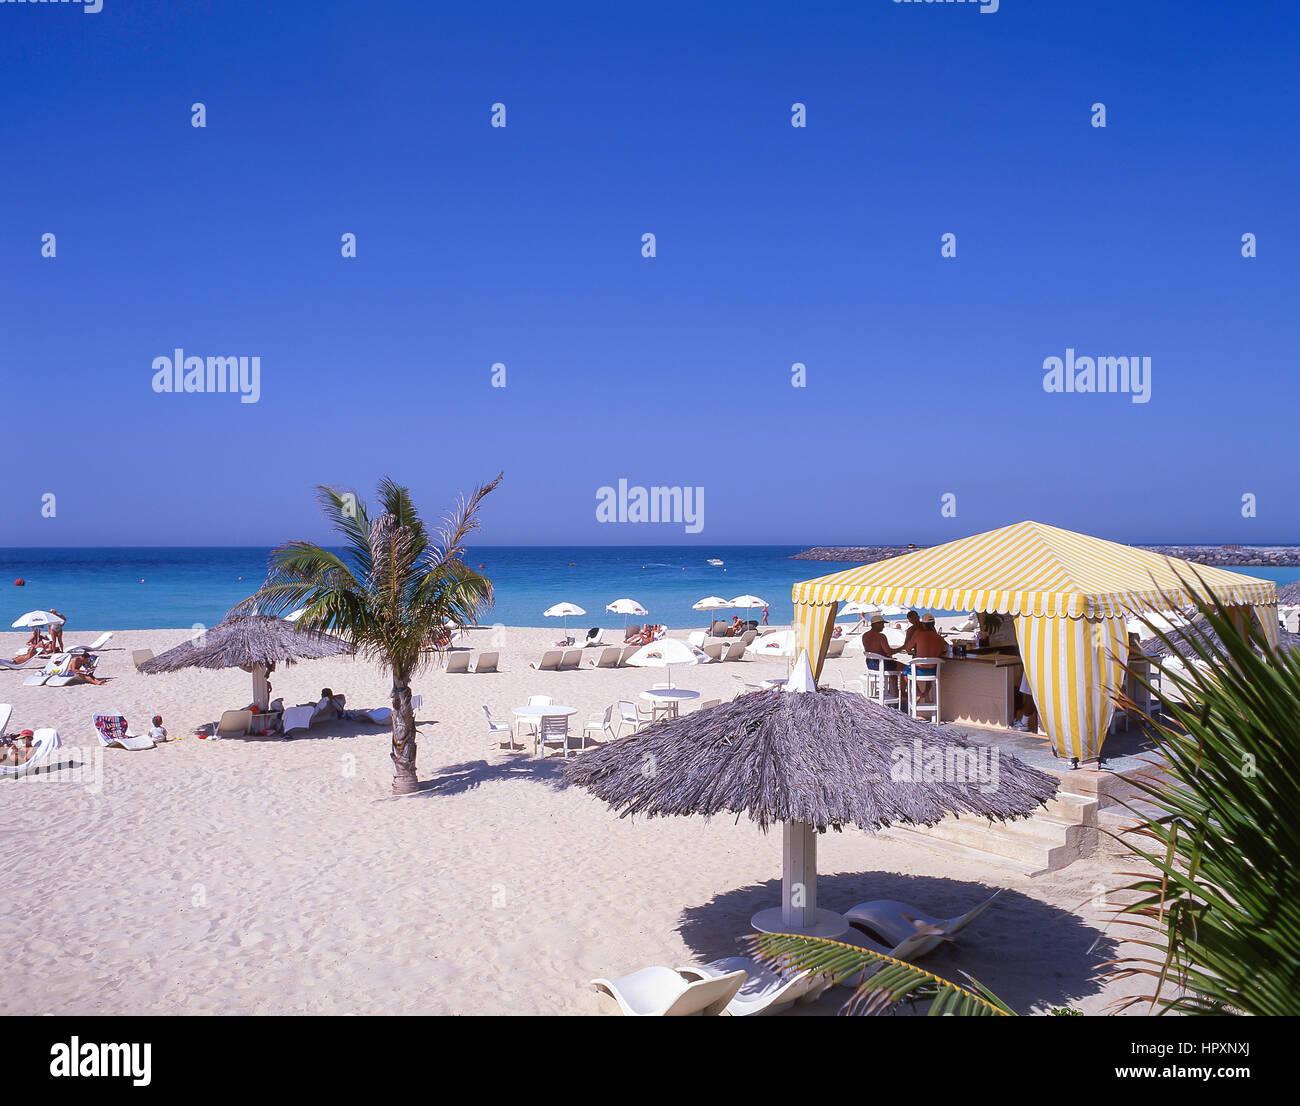 Jumeirah Beach, Jumeirah, Dubai, Emirati Arabi Uniti Immagini Stock